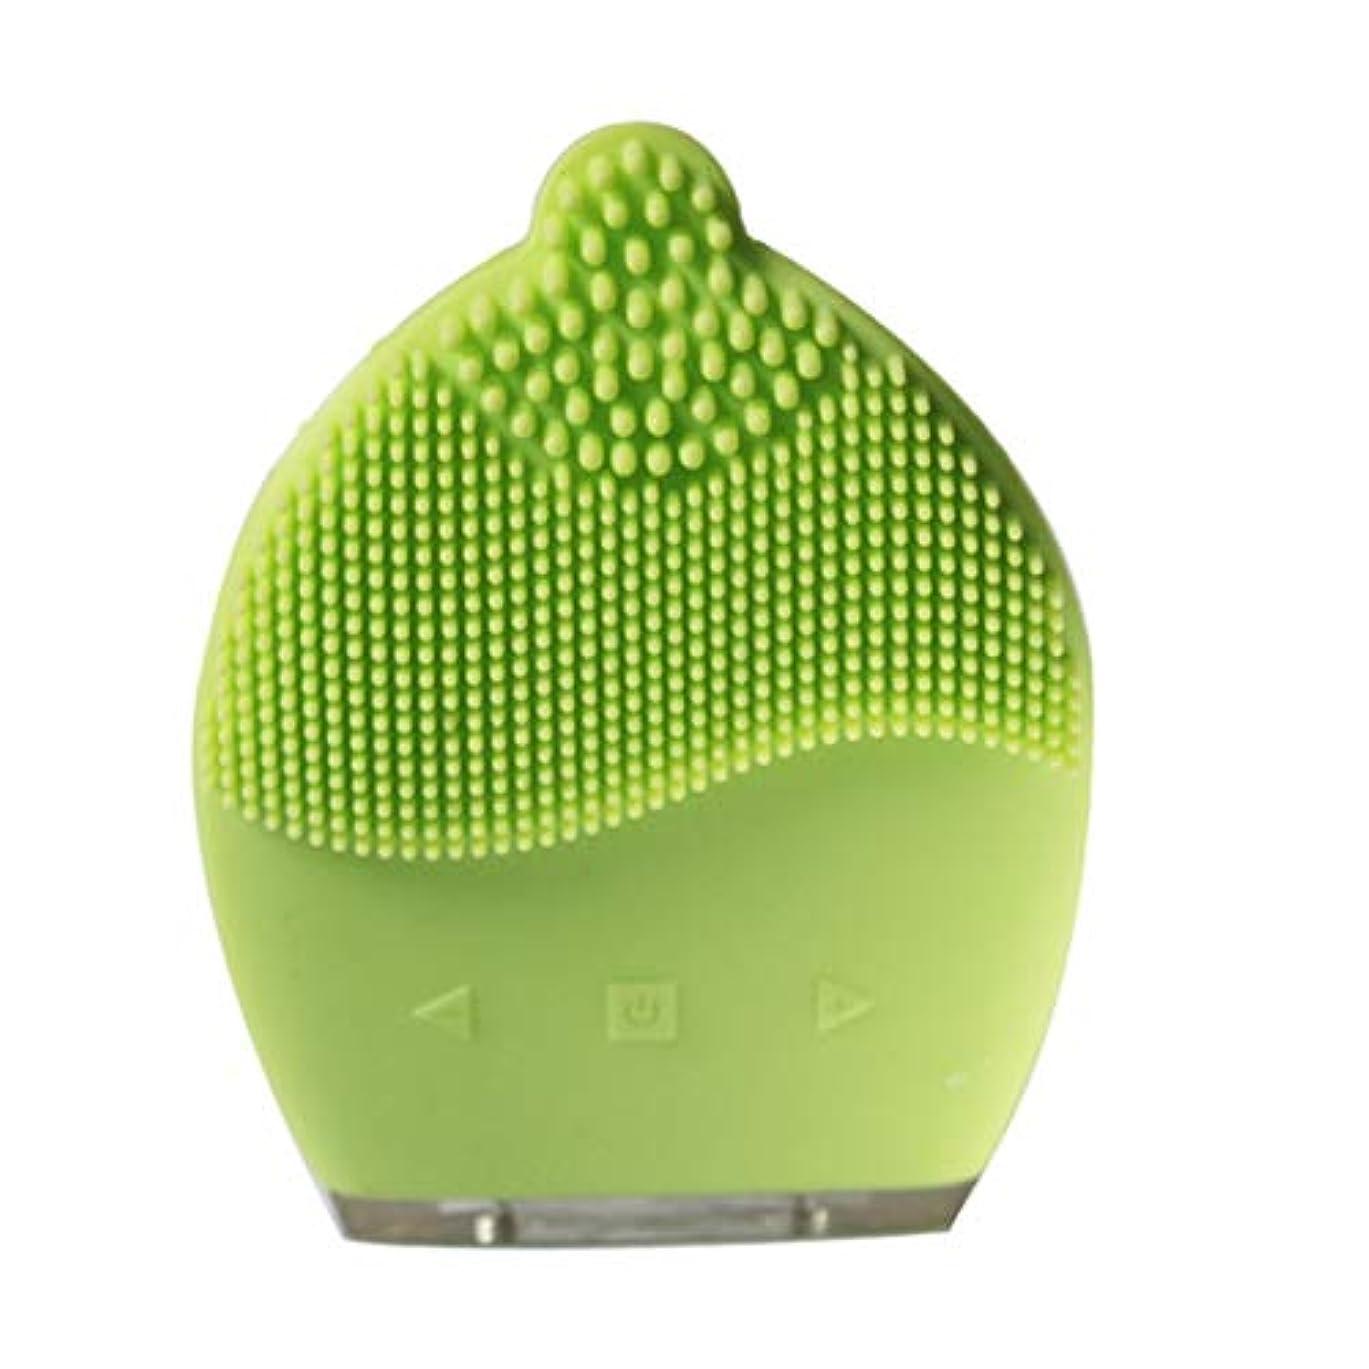 引き付ける不適当ペインCAFUTY 超音波シリコン電気洗浄器具 除染黒髪洗浄 洗浄ブラシ (Color : イエロー)